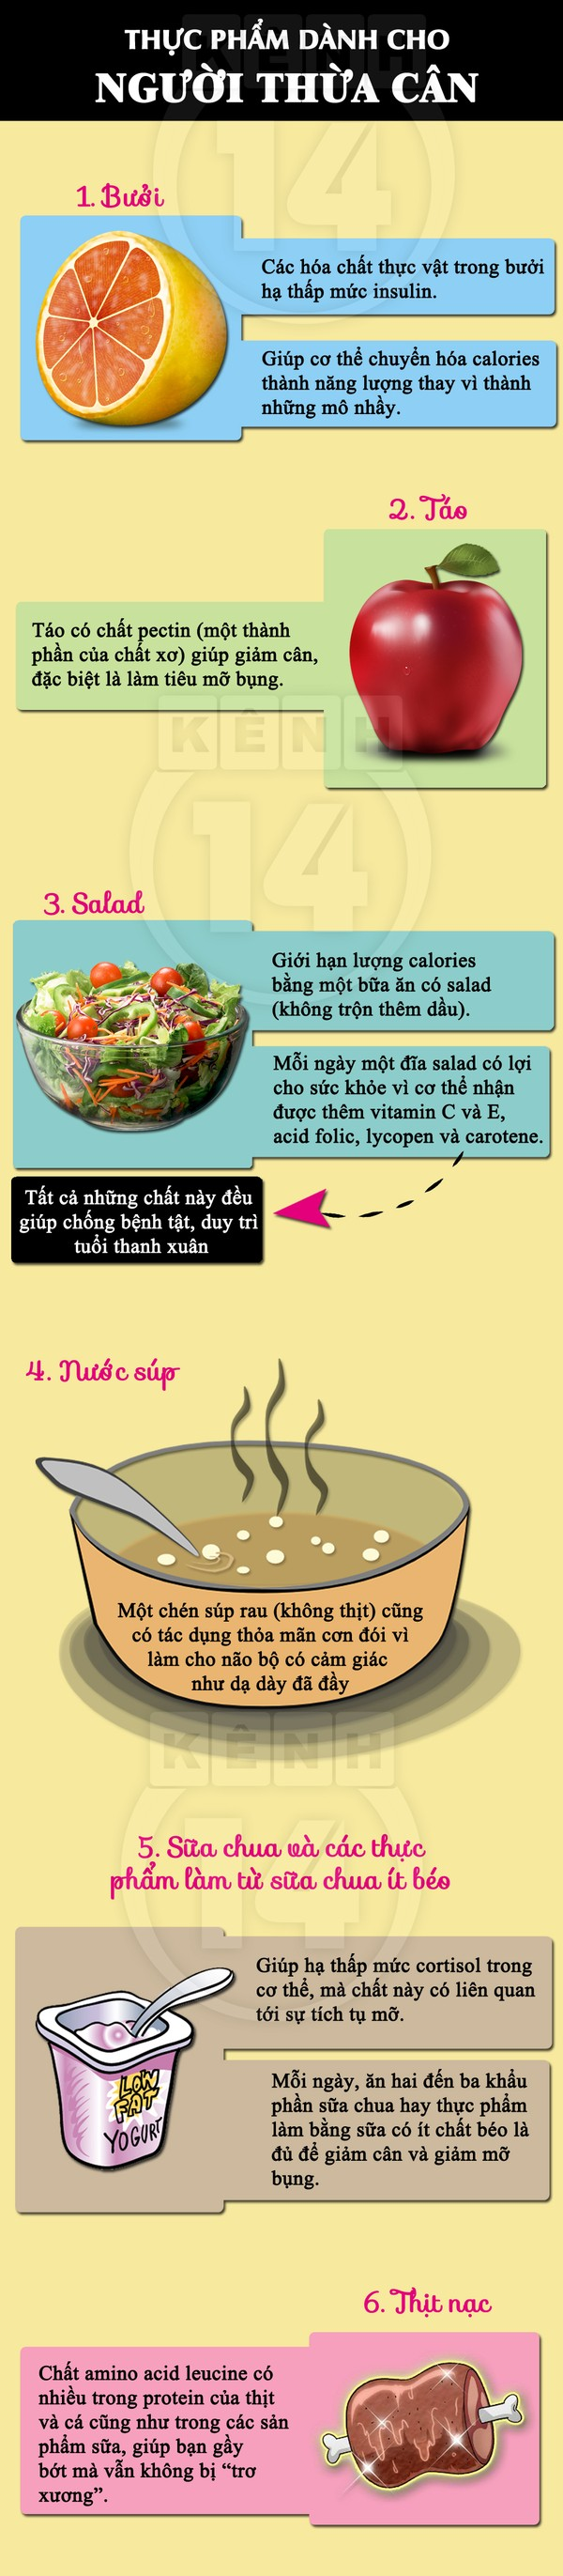 Top thực phẩm vô cùng có lợi cho người thừa cân